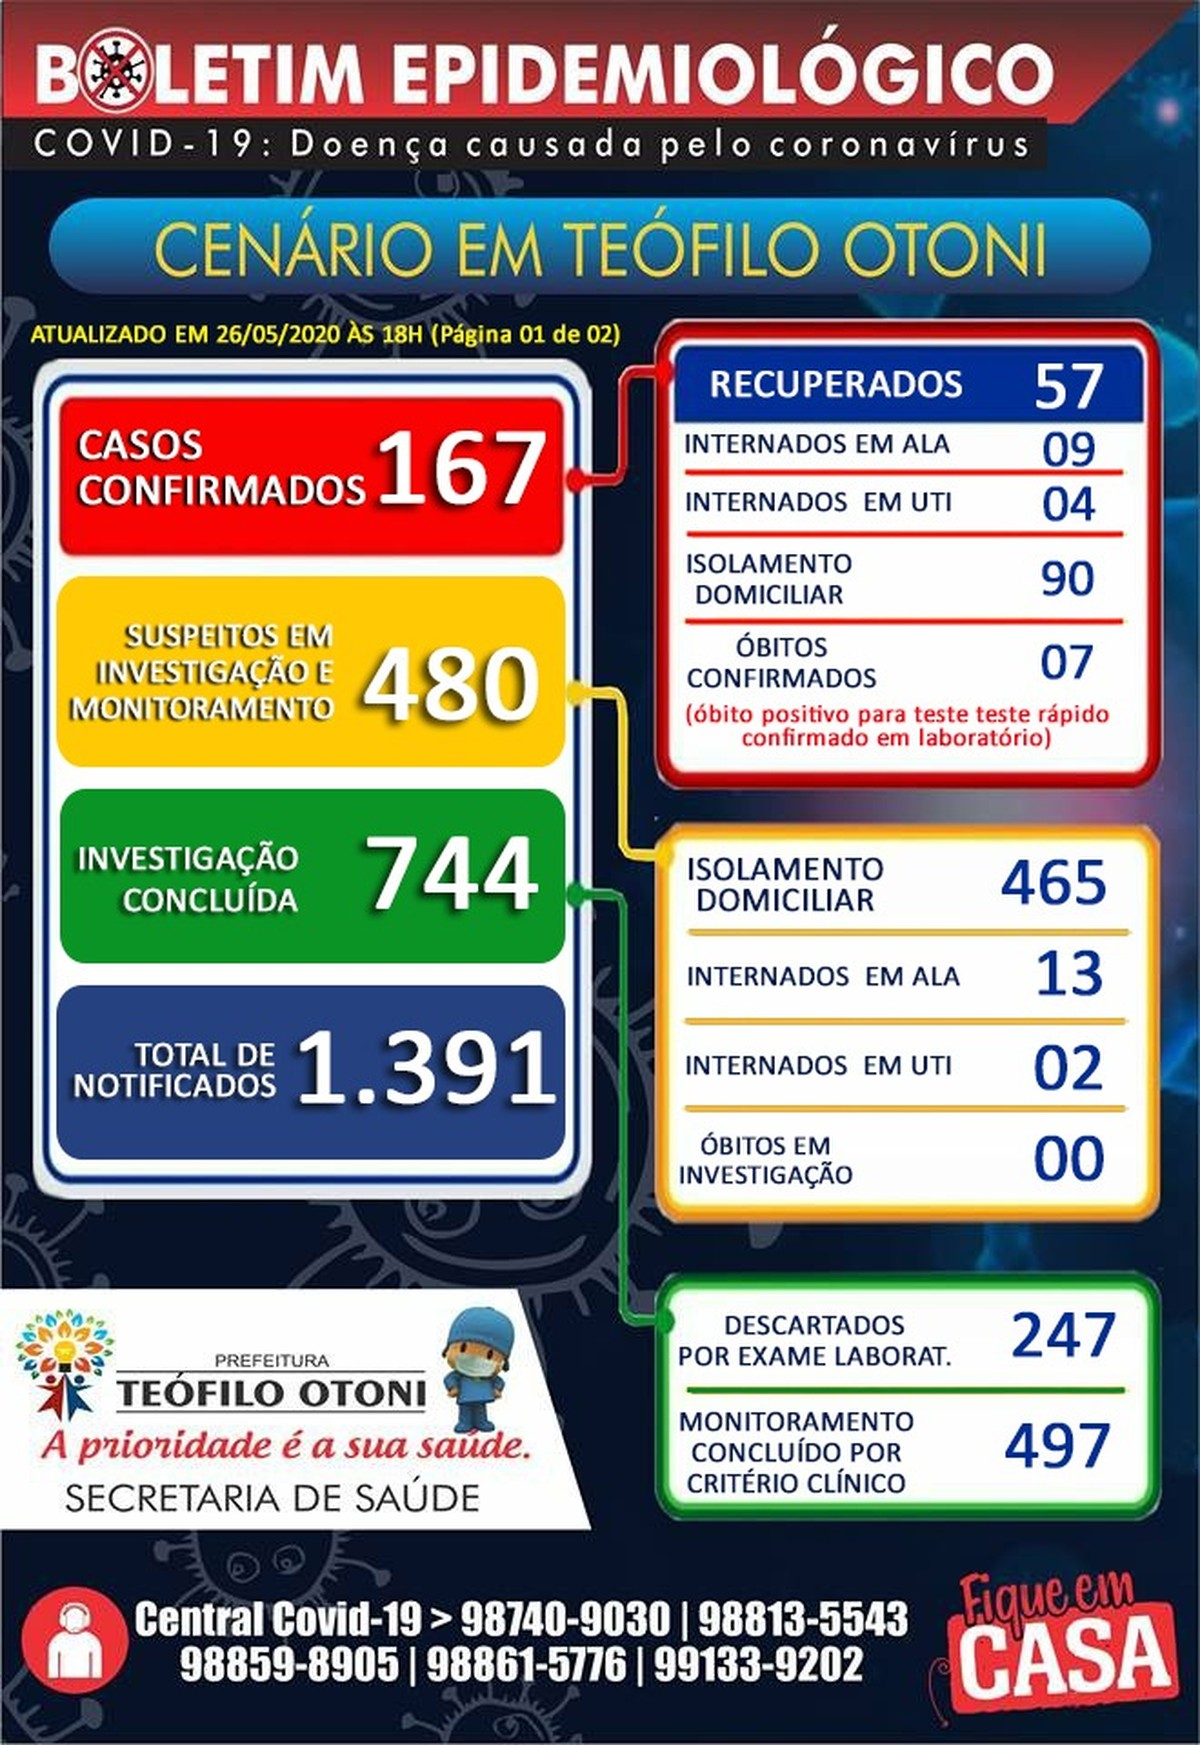 Número de mortes por Covid-19 chega a sete em Teófilo Otoni e prefeitura confirma 21 novos casos